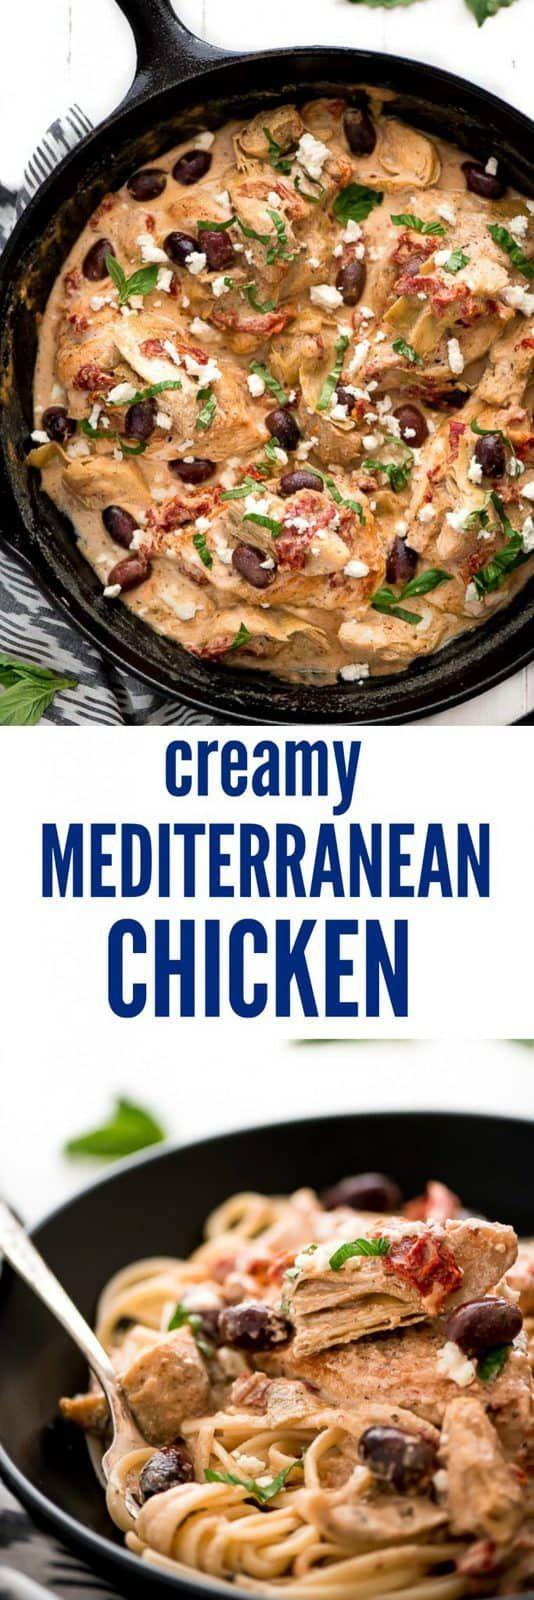 Cremiges mediterranes Hähnchen   – Recipes